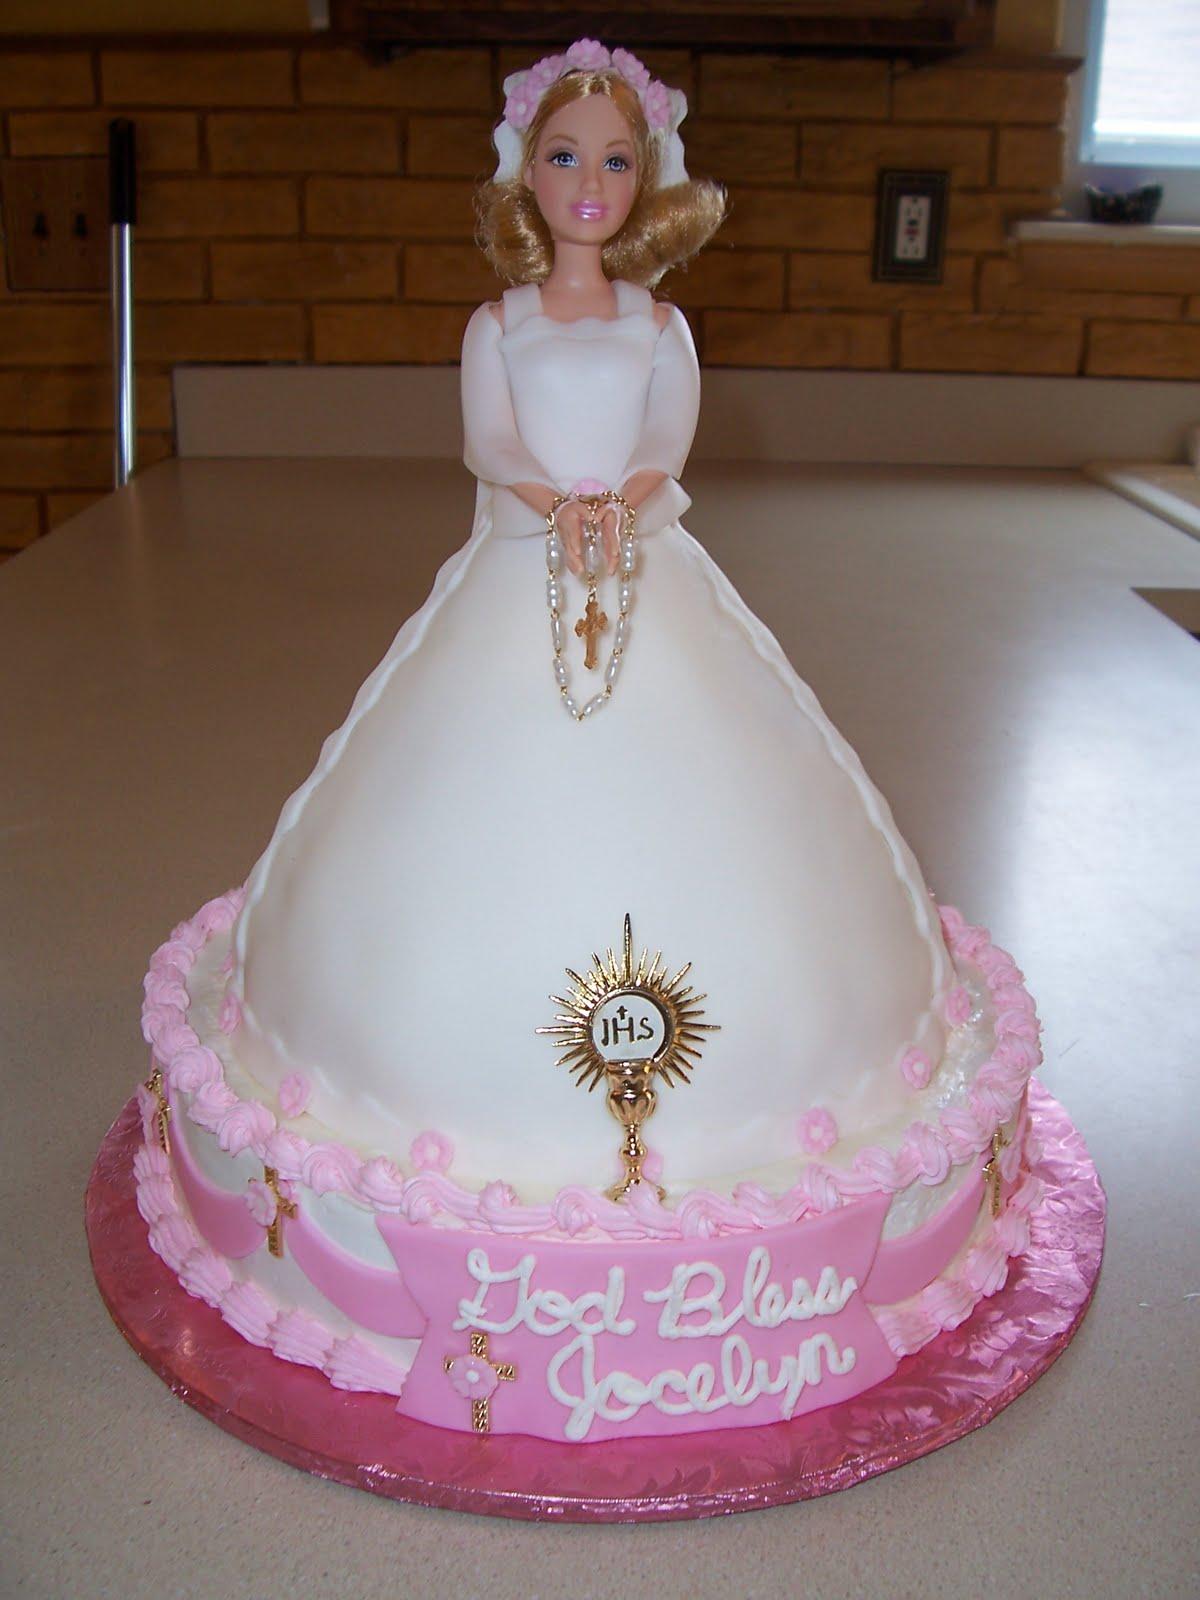 Famoso Torte decorate per la Prima Comunione - Blogmamma.it : Blogmamma.it AC33